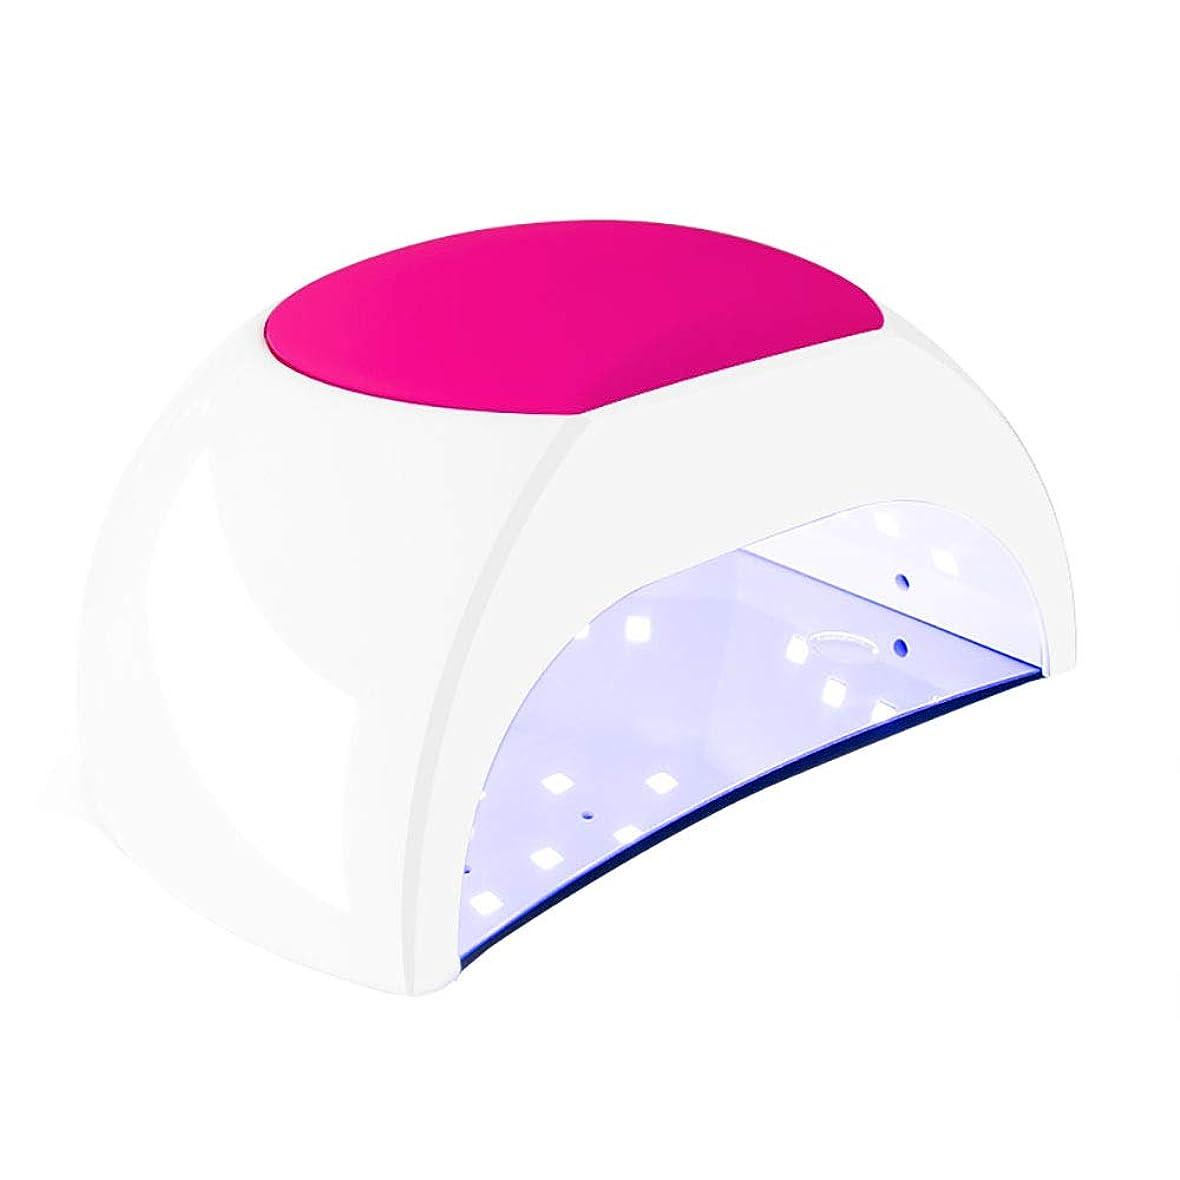 任命のりモディッシュ釘のドライヤー - 自動赤外線センサー、二重光源のLEDランプのゲルのドライヤーのマニキュアが付いている紫外線携帯用LEDの釘ランプ